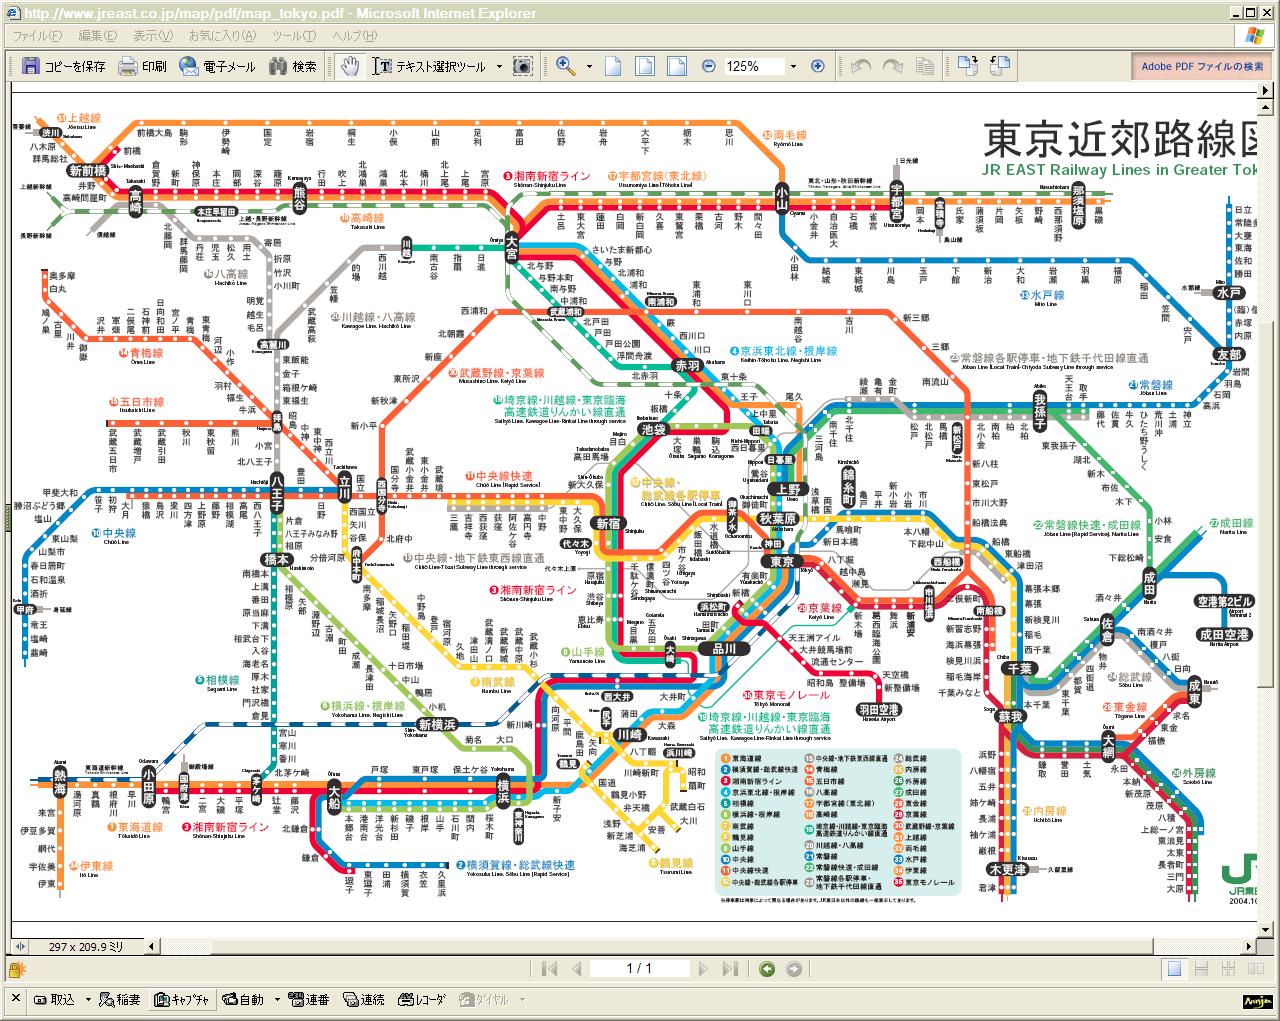 東京近郊の路線図【地下鉄・JR・その他】 - NAVER まとめ